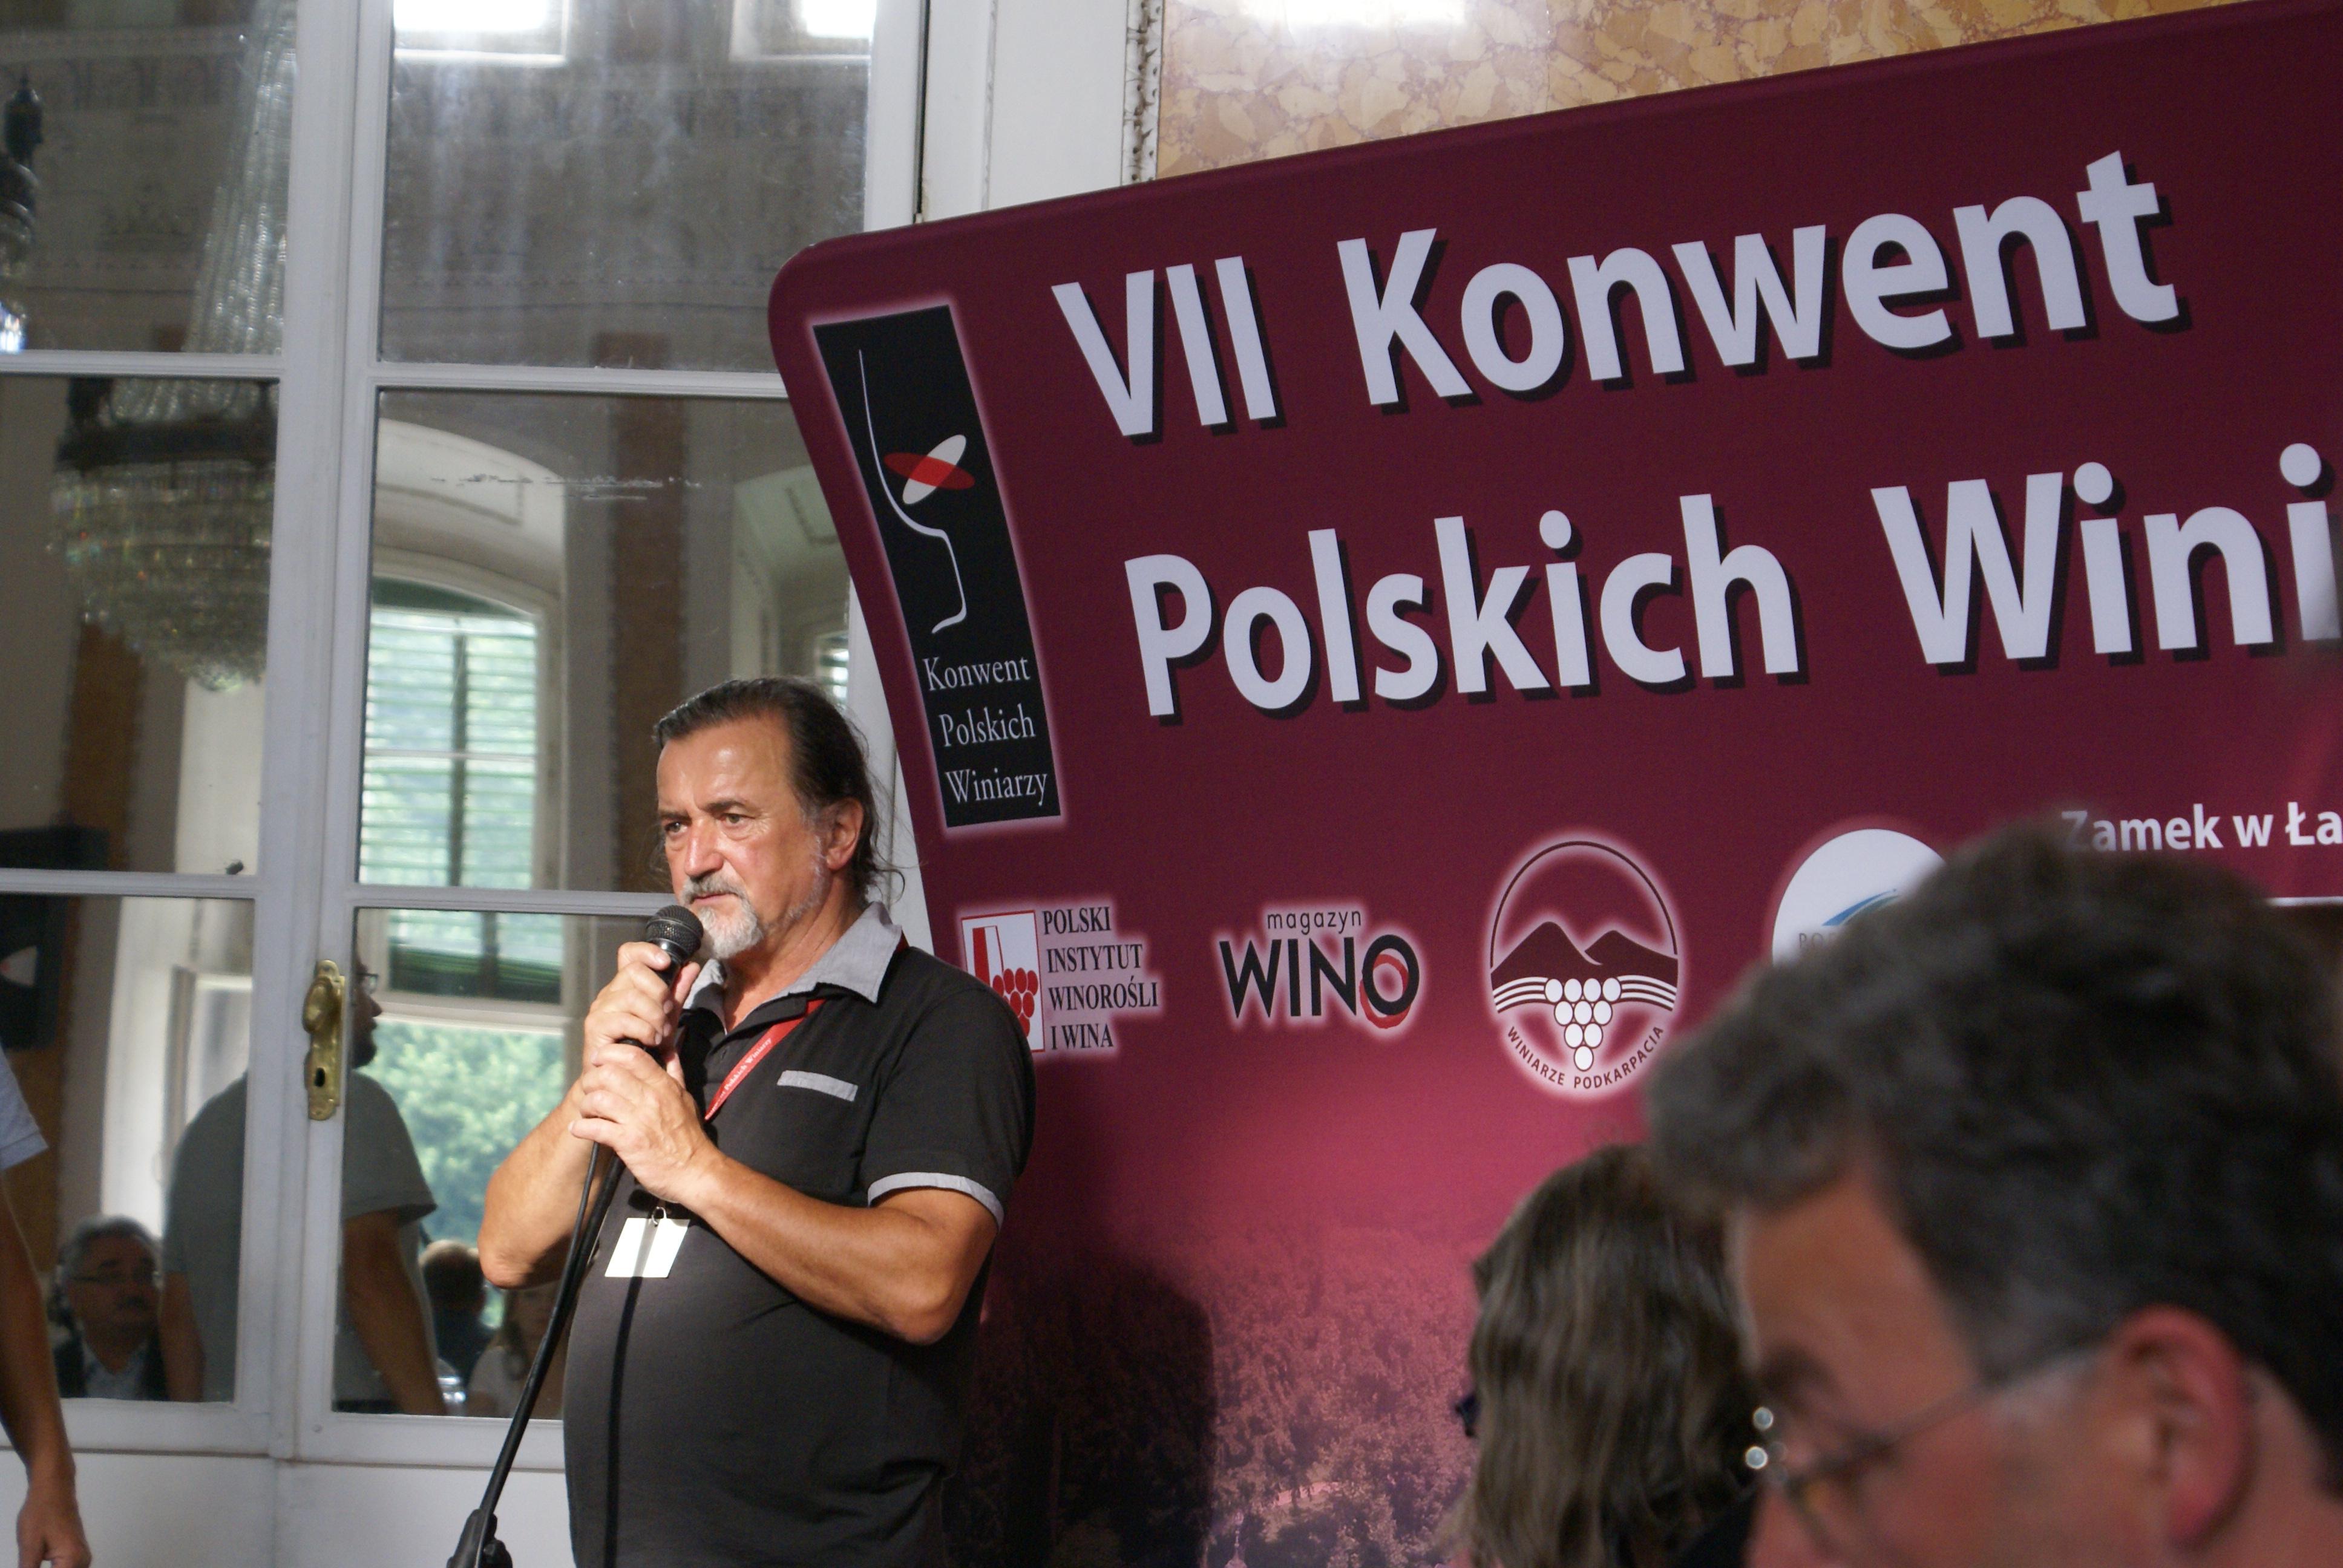 VII Konwent Polskich Winiarzy